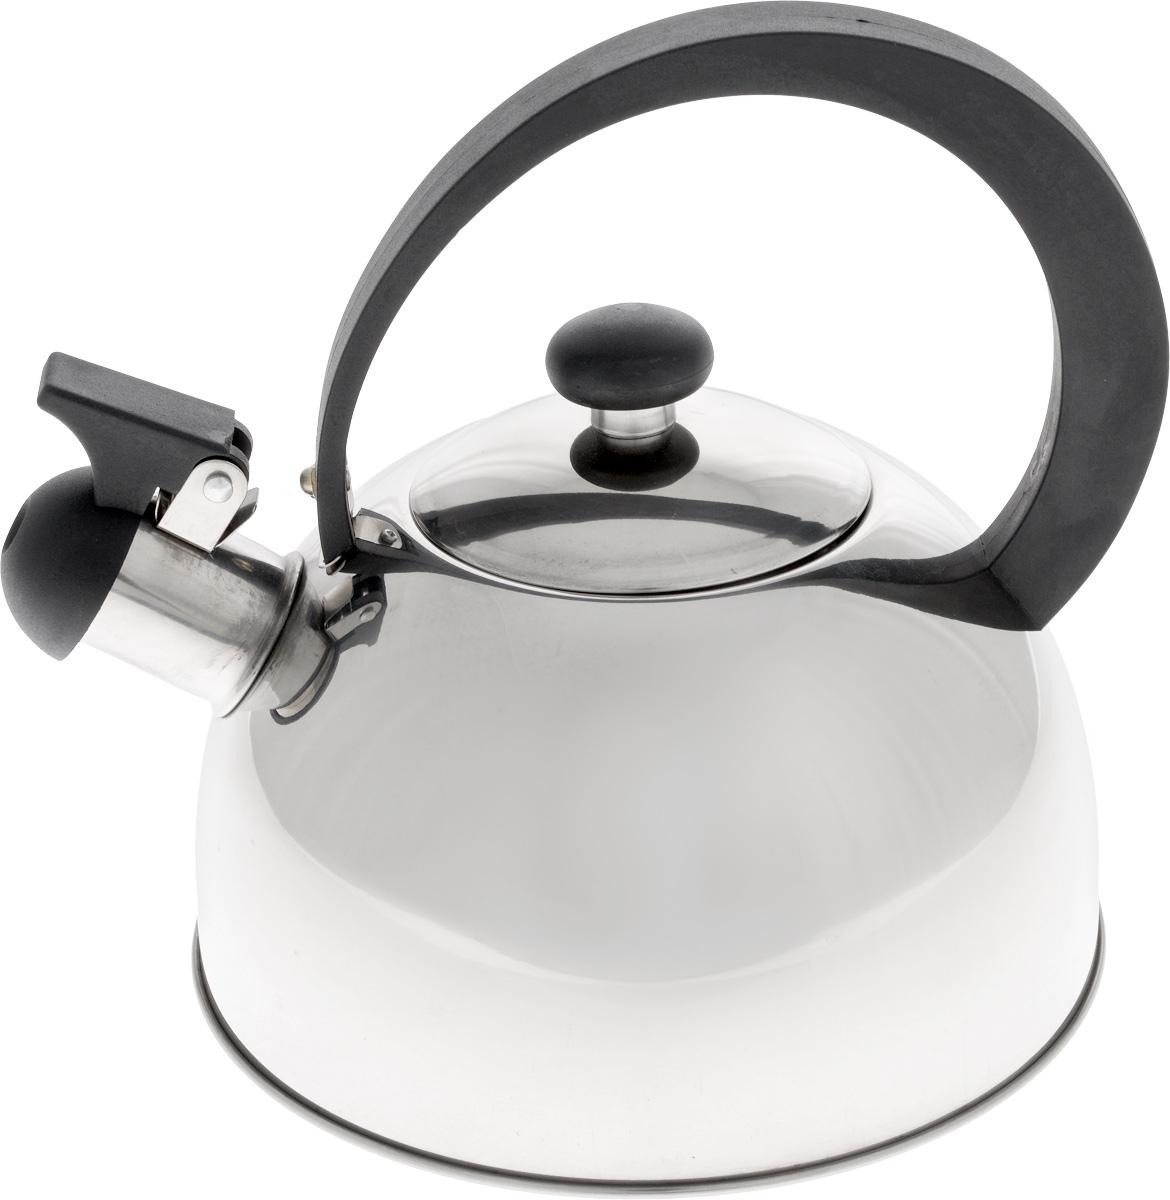 Чайник Добрыня, со свистком, 2 л. DO-2909DO-2909Чайник со свистком Добрыня изготовлен из высококачественной нержавеющей стали, что обеспечивает долговечность использования. Носик чайника оснащен откидным свистком, звуковой сигнал которого подскажет, когда закипит вода. Ручка, изготовленная из бакелита, не нагревается и сможет уберечь ваши руки от контакта с высокими температурами.Чайник Добрыня - качественное исполнение и стильное решение для вашей кухни.Подходит для использования на всех типах плит, кроме индукционных. Можно мыть в посудомоечной машине.Высота чайника (с учетом ручки и крышки): 19 см.Диаметр чайника (по верхнему краю): 8,5 см.Диаметр основания: 18 см.Высота стенки: 10 см.